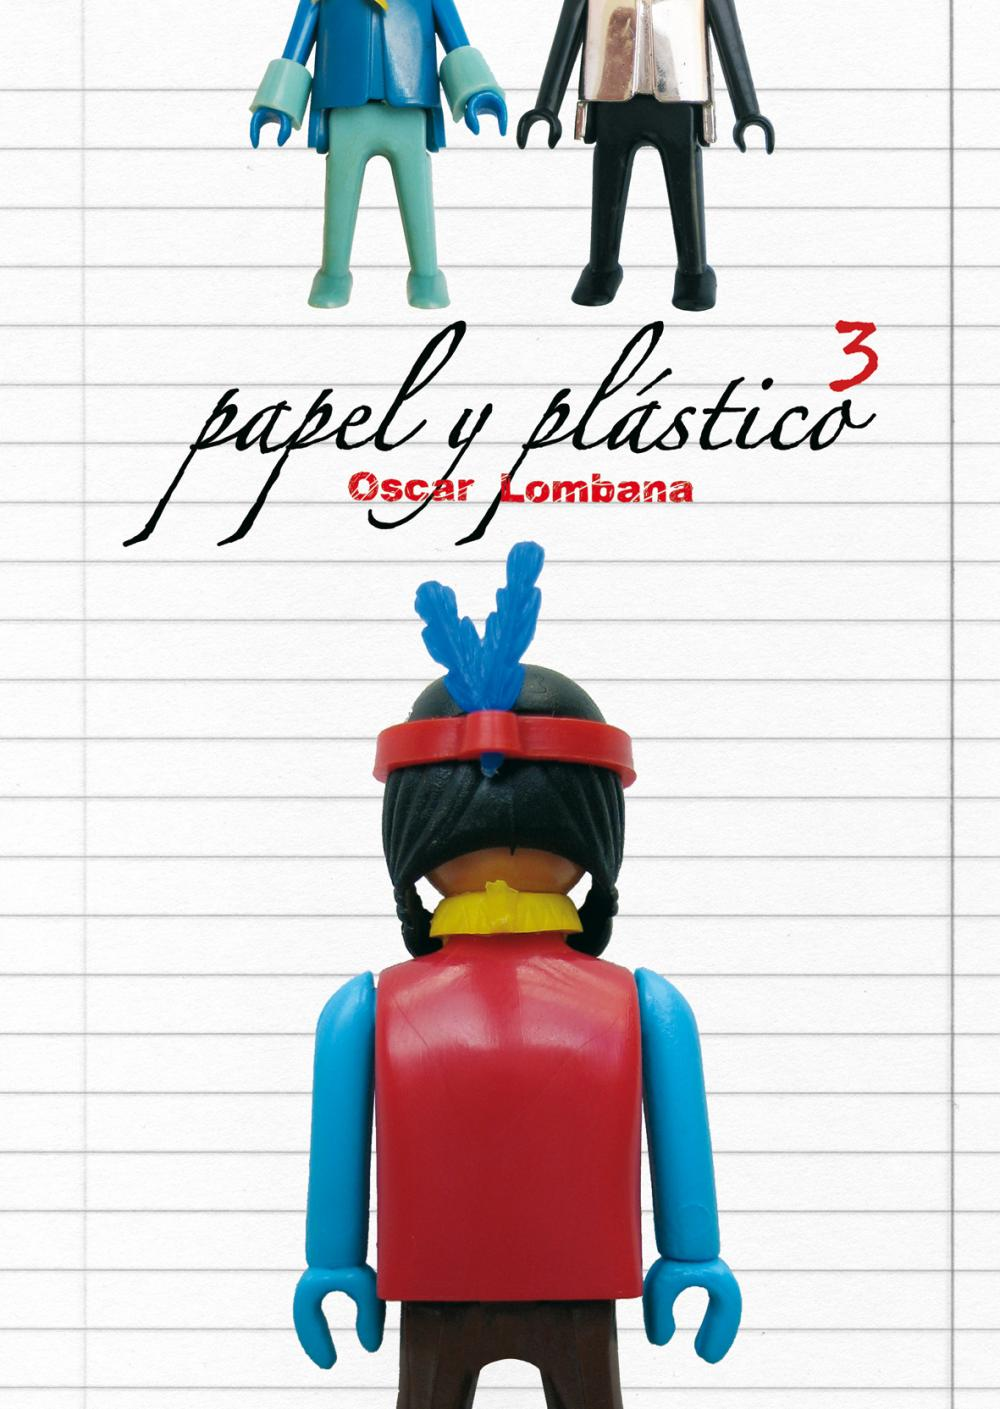 Papel y plástico 3